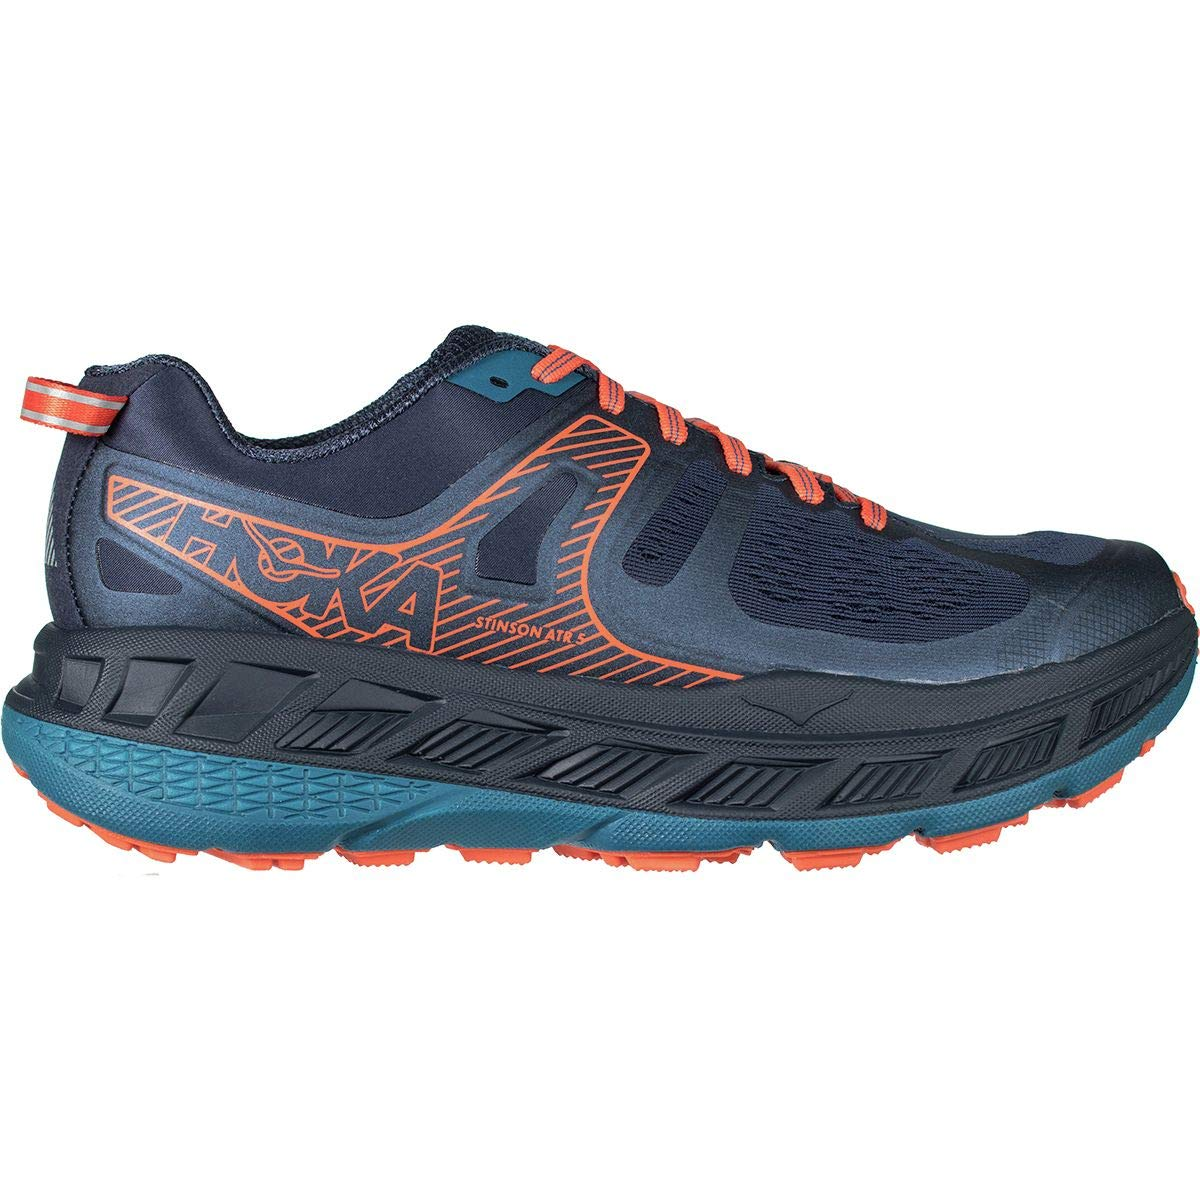 新品 [ホッカオネオネ] B07P5C9256 メンズ ATR ランニング Running Stinson ATR 5 Running Shoe [並行輸入品] B07P5C9256 8.5, サダミツチョウ:f4e76897 --- oil.xienttechnologies.net